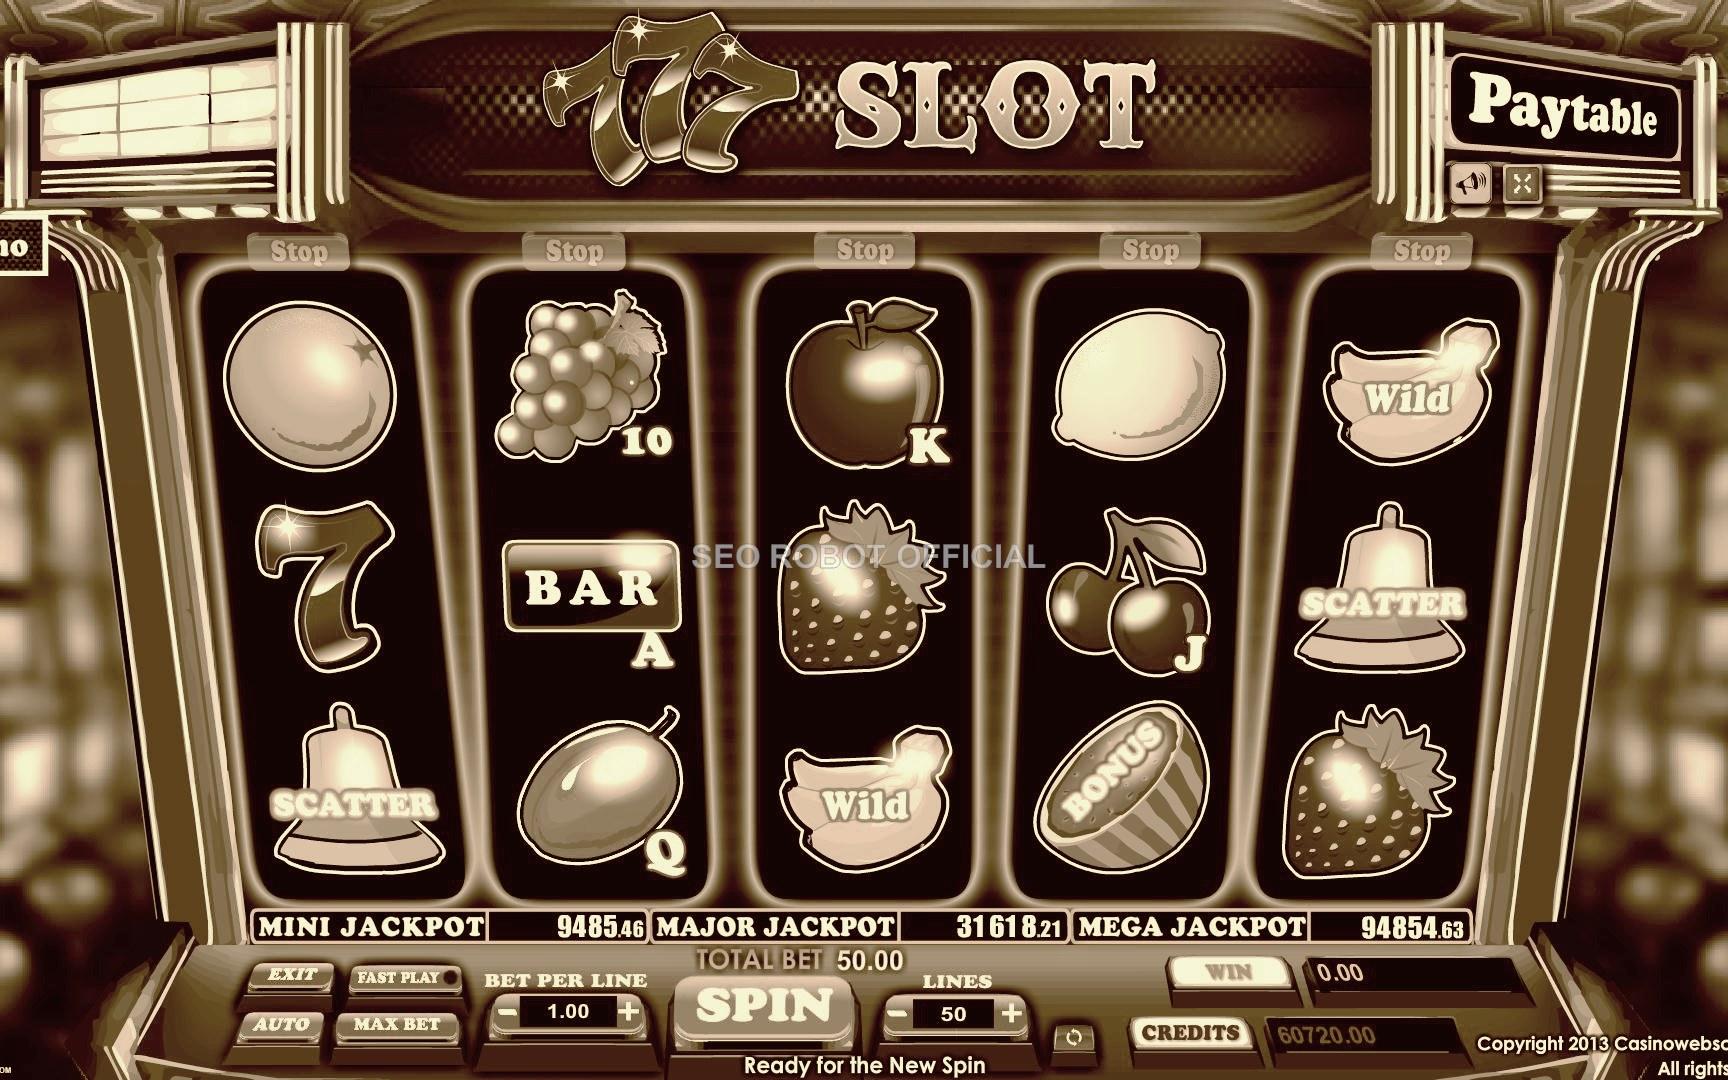 Daftar Istilah dalam Permainan Slot Online